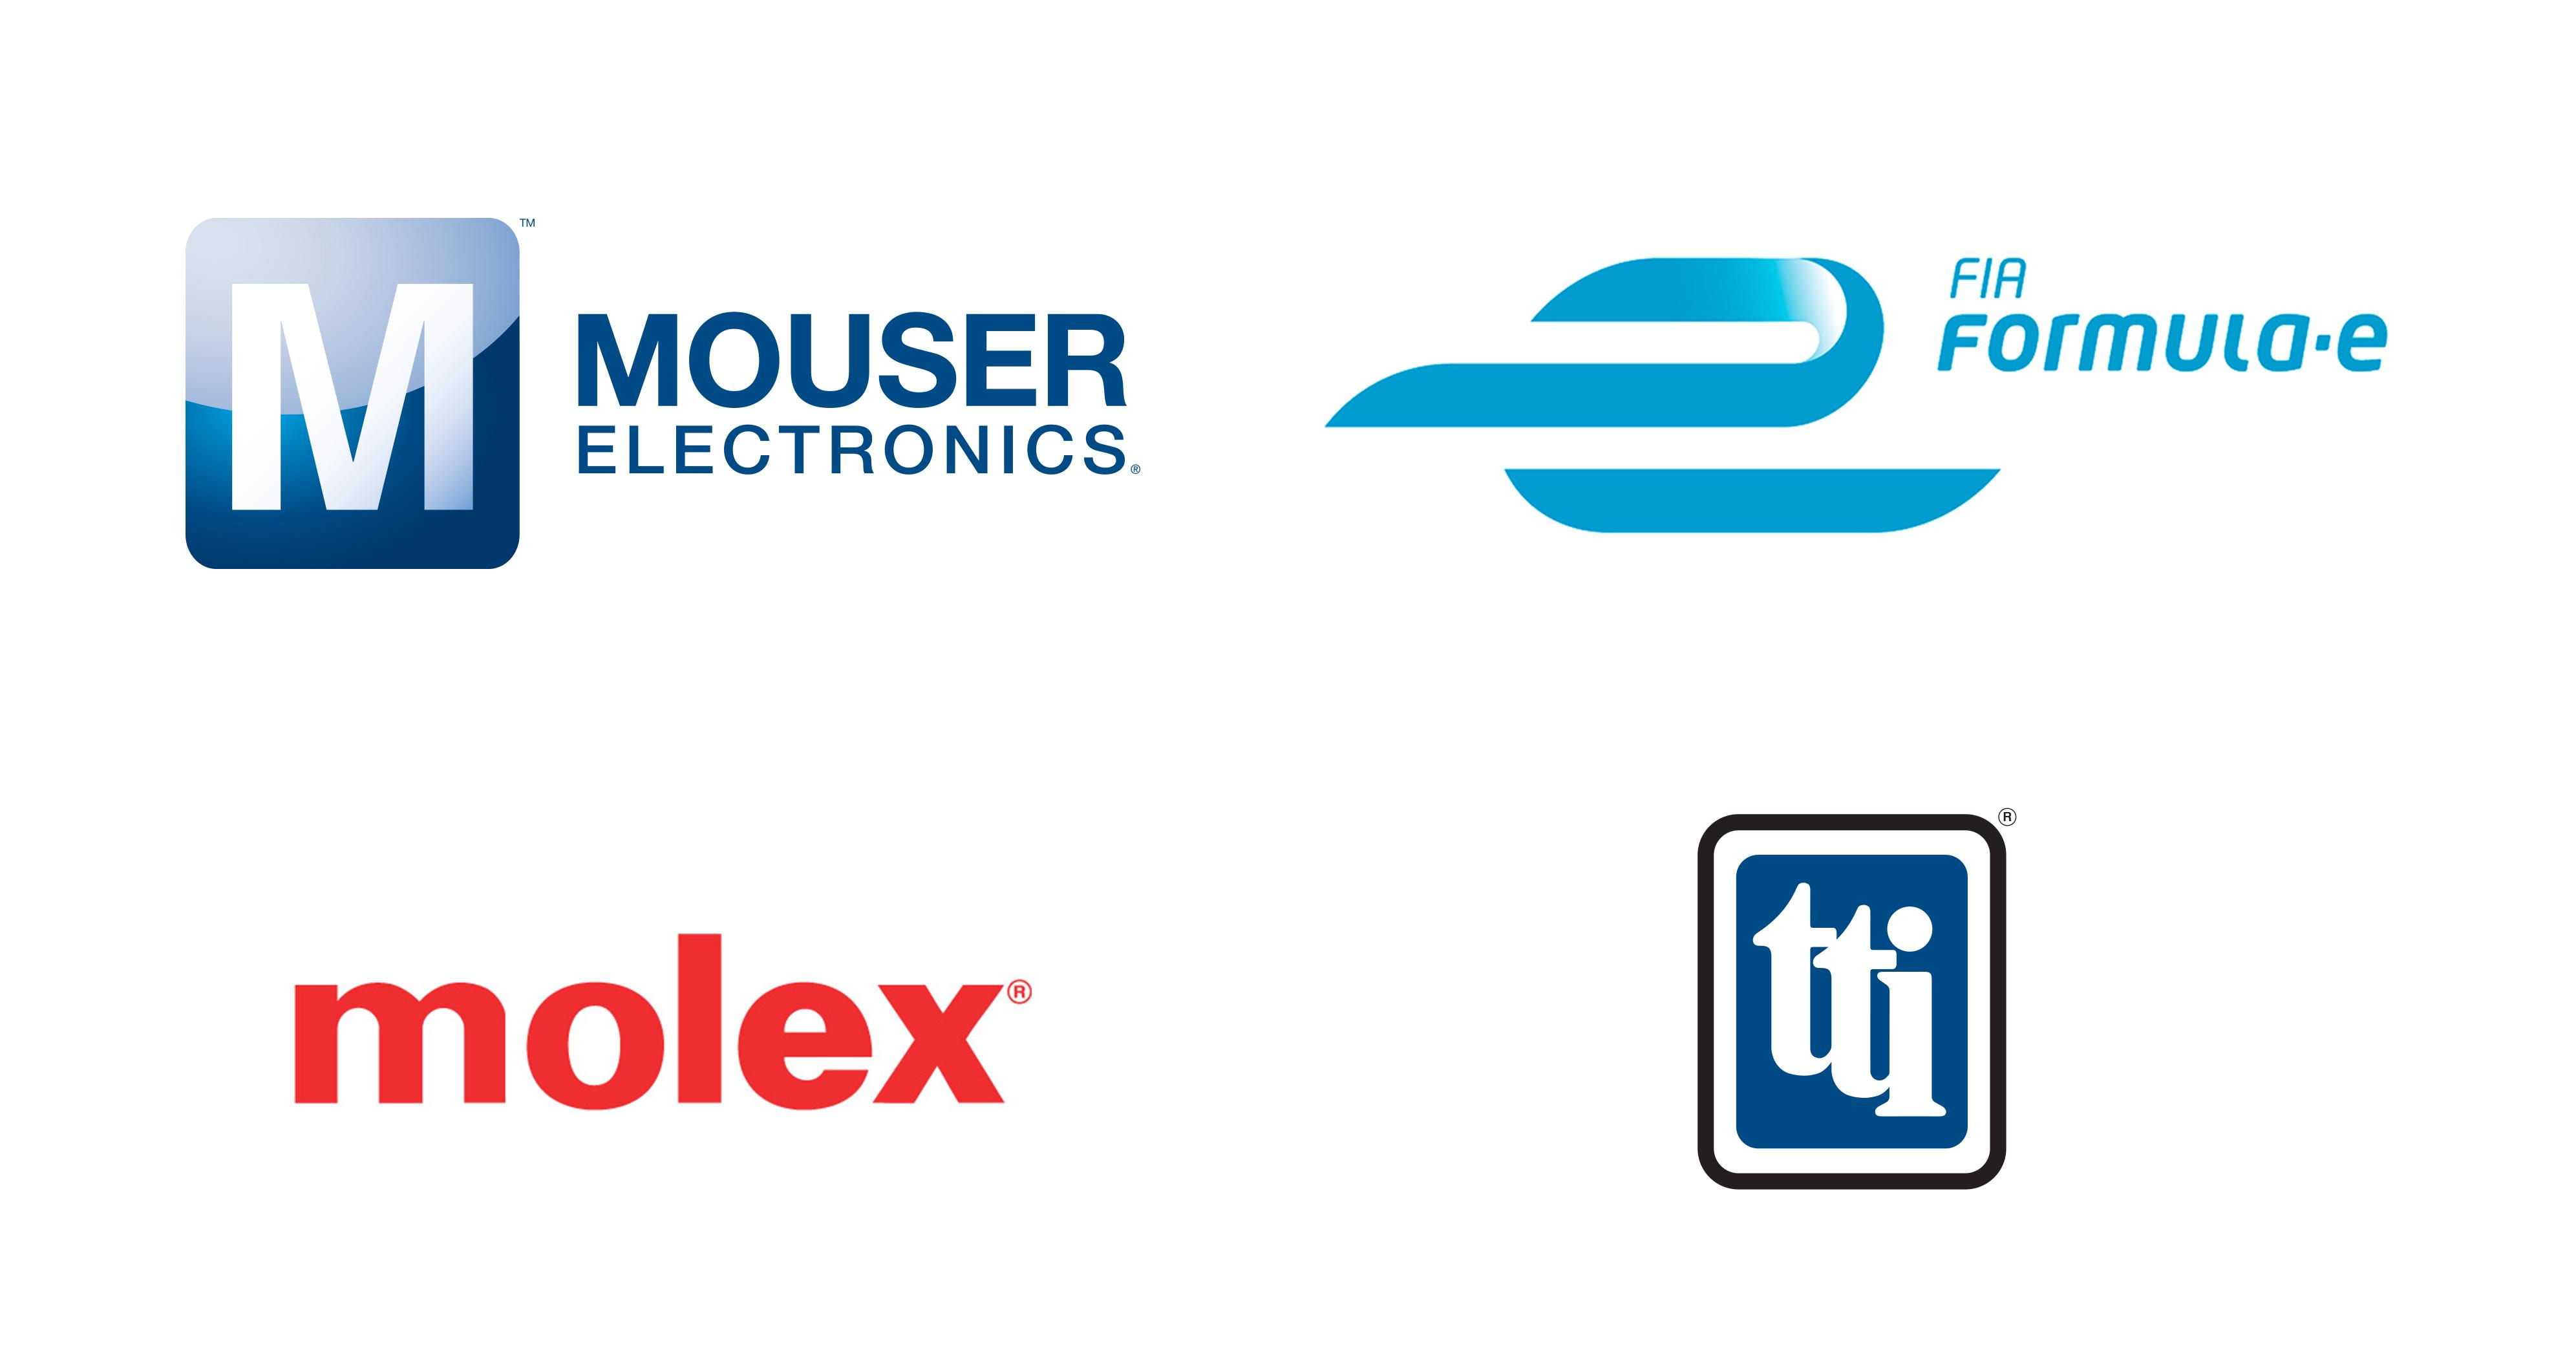 贸泽、TTI、Molex联合赞助电动方程式赛车队